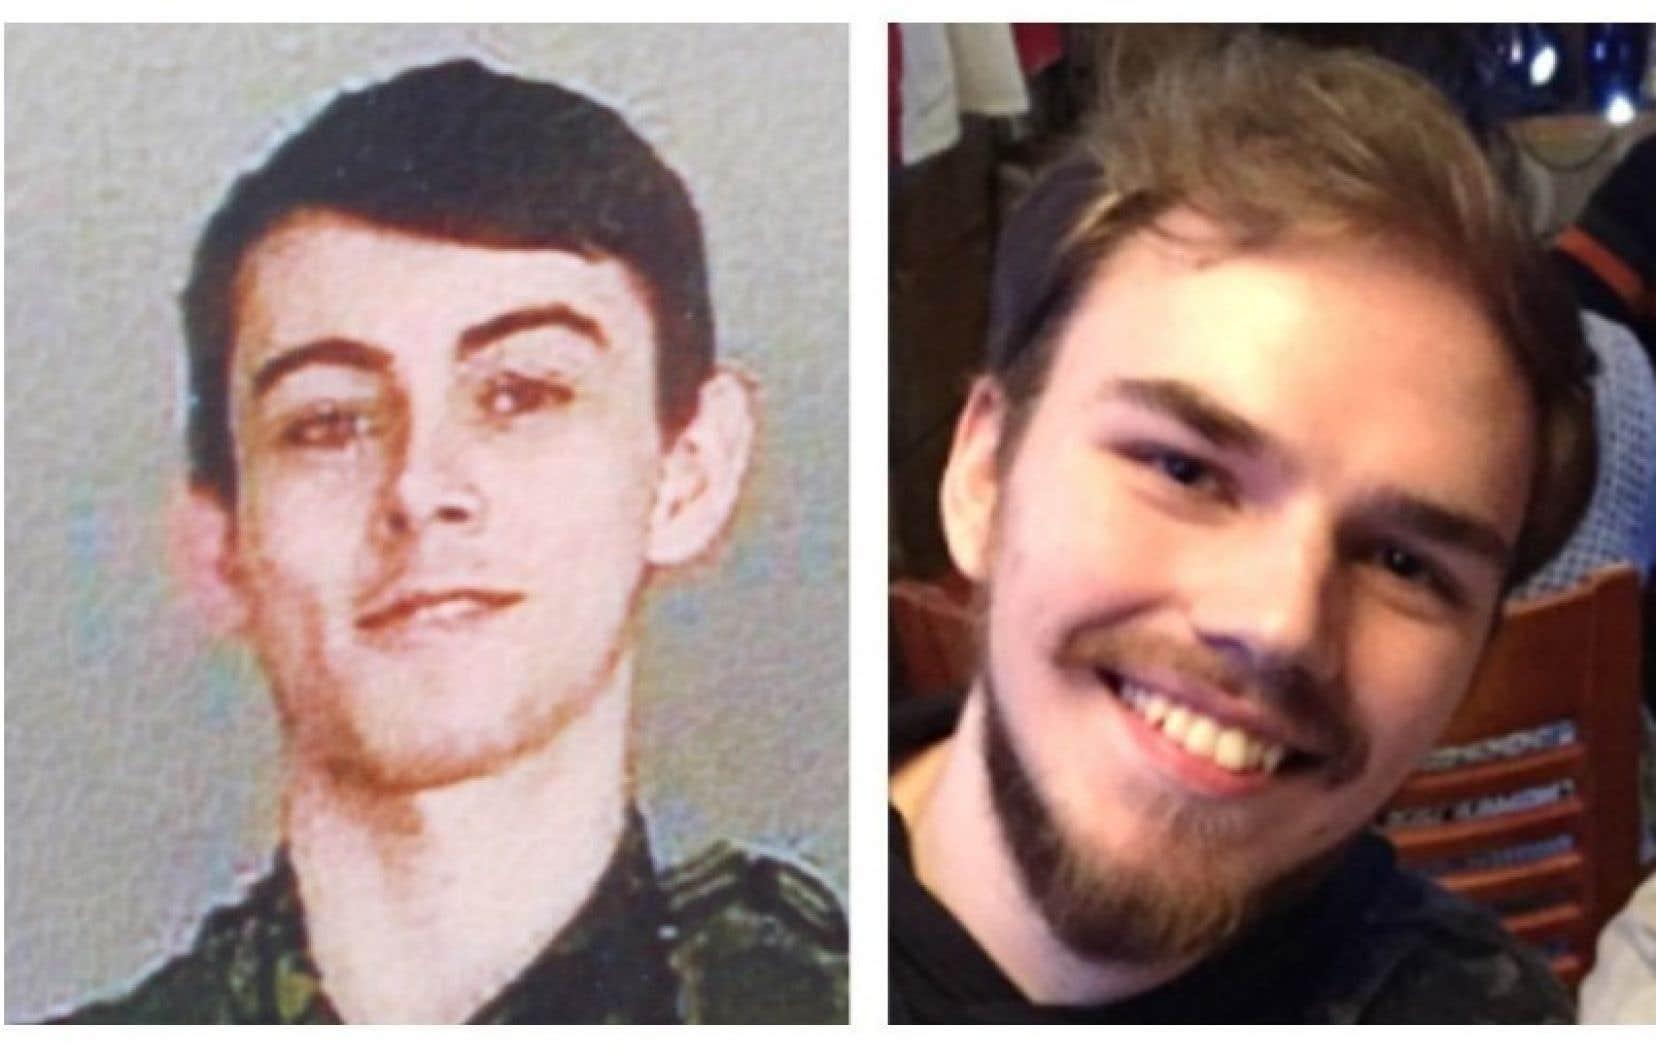 Les deux fugitifs, Bryer Schmegelsky et Kam McLeod, faisaient l'objet d'une vaste chasse à l'homme.